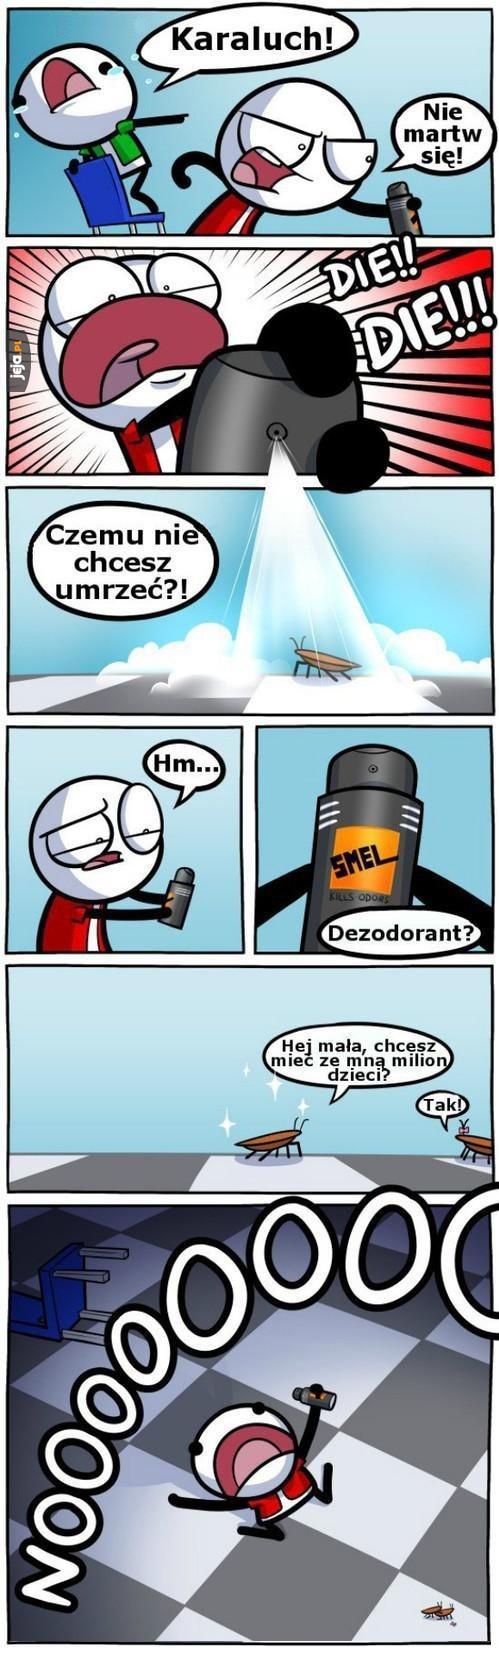 Nie myl dezodorantu ze sprejem na robaki